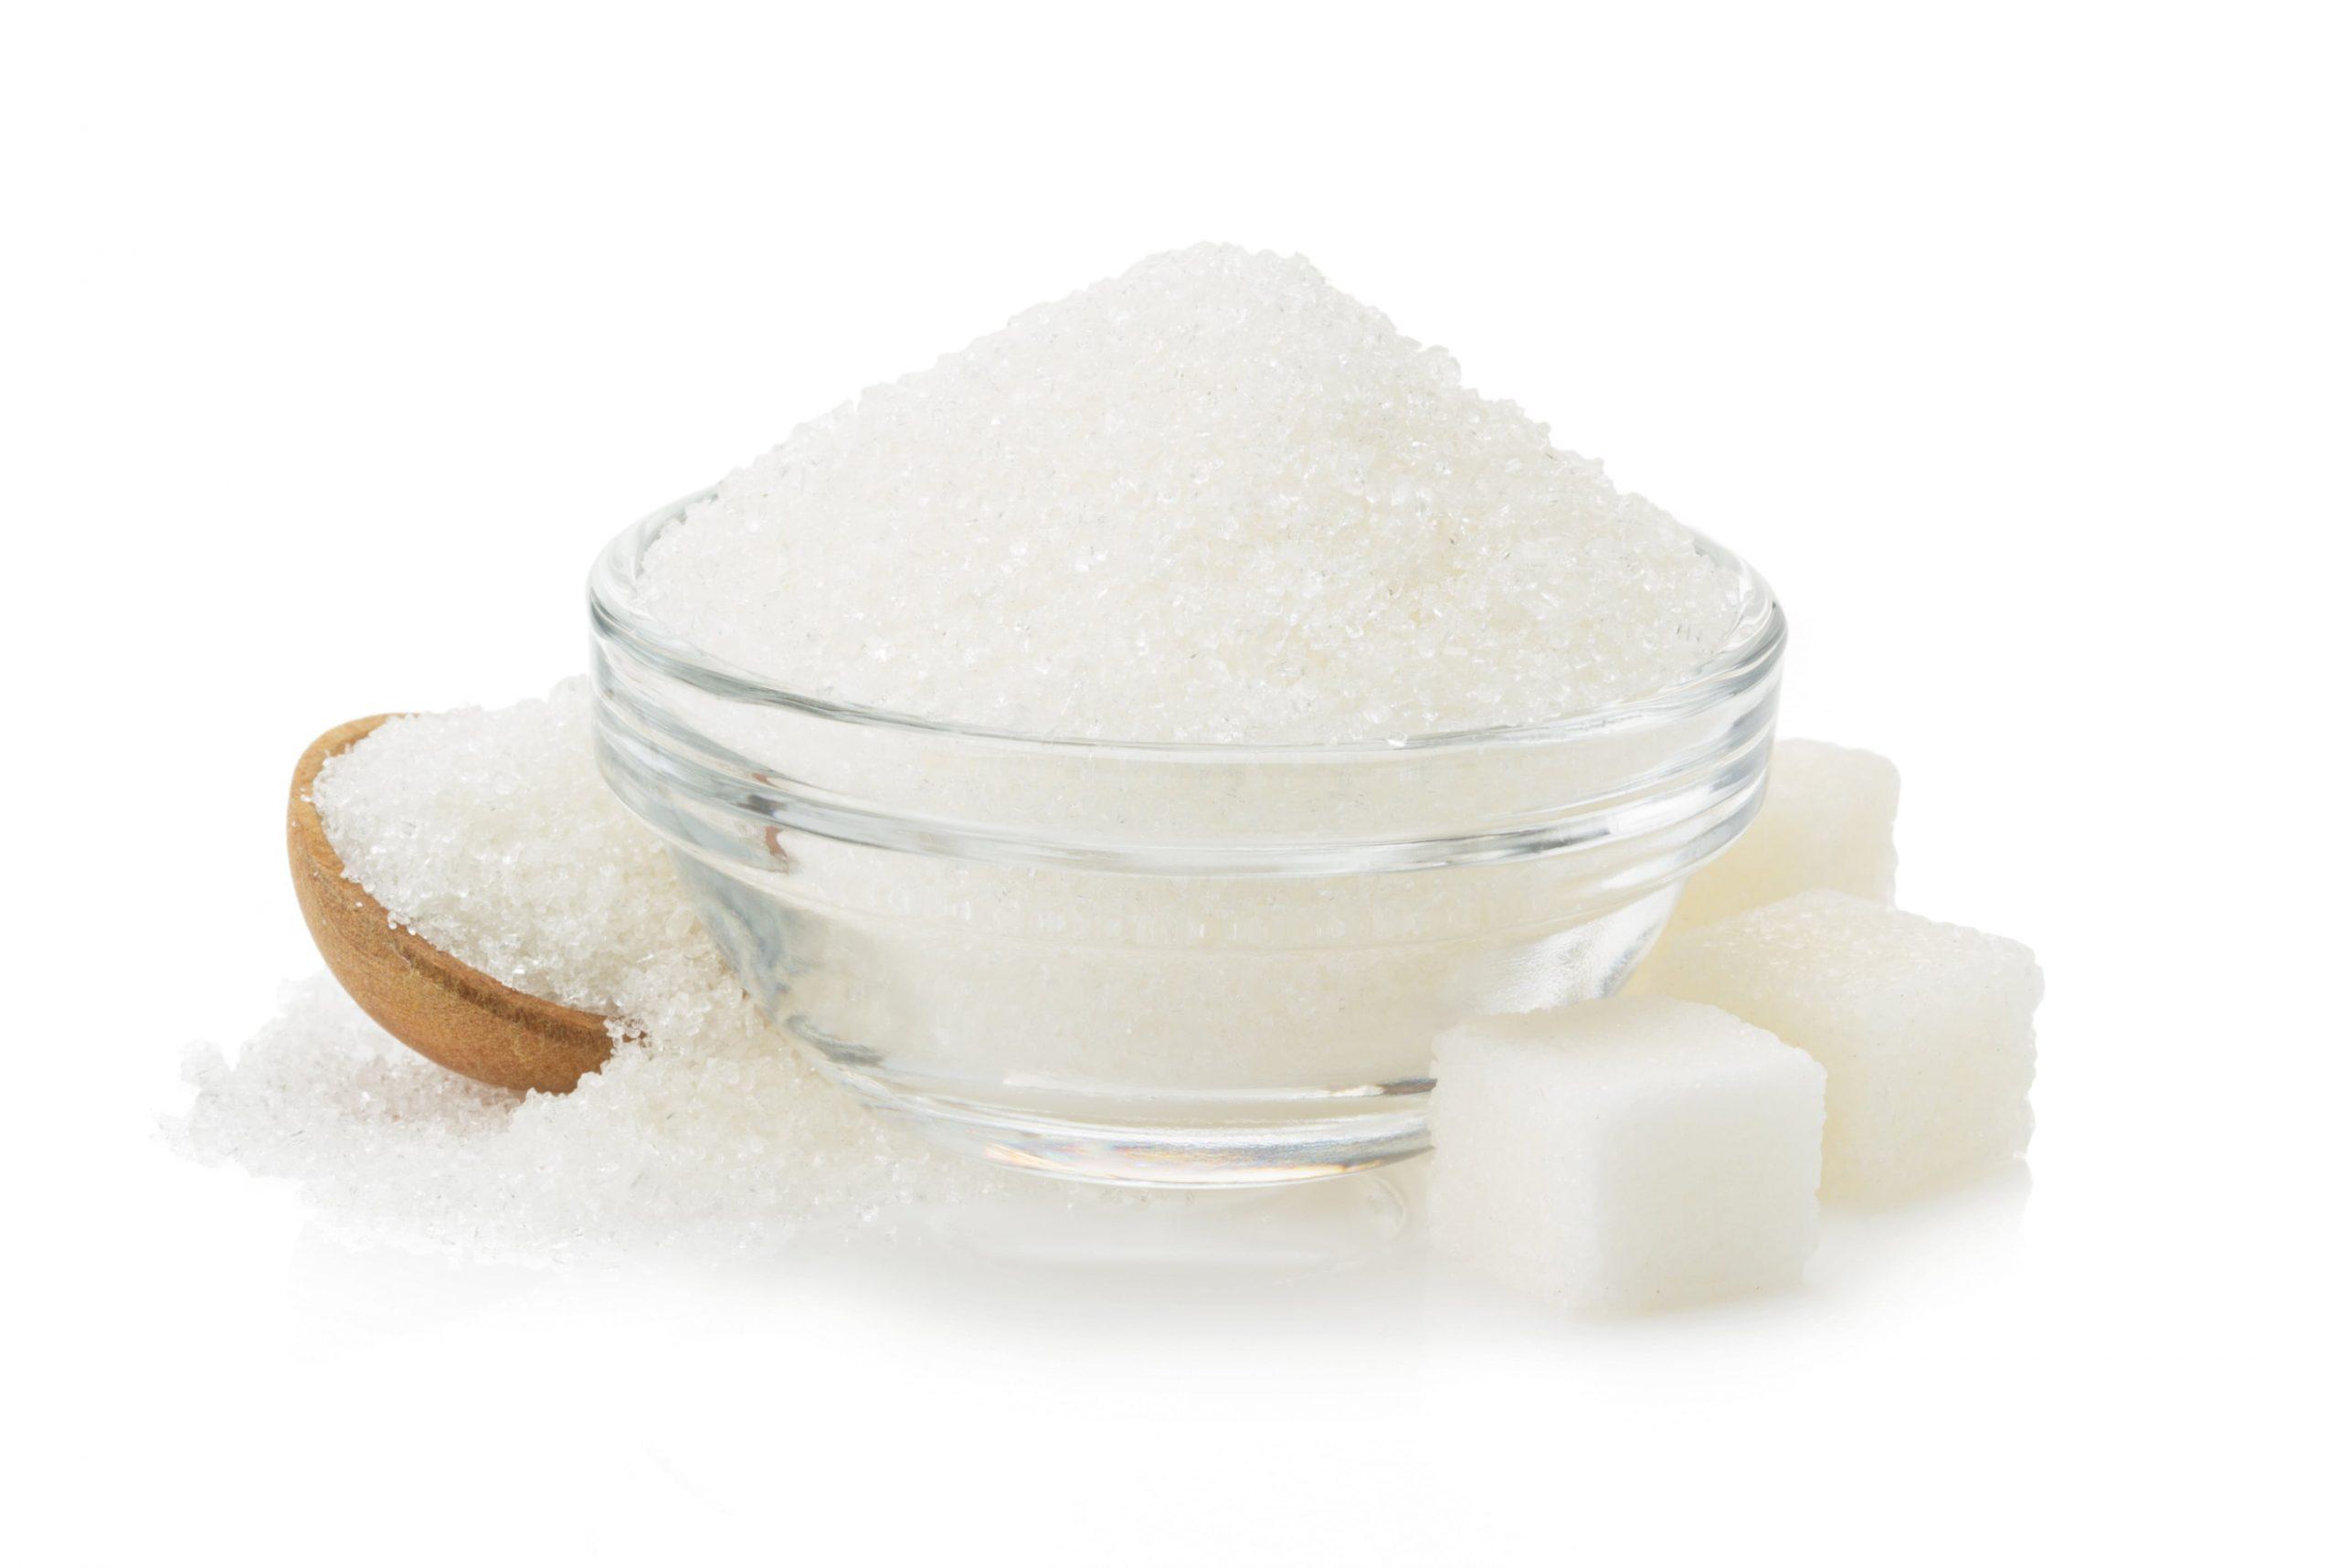 Cukier w domowych kosmetykach